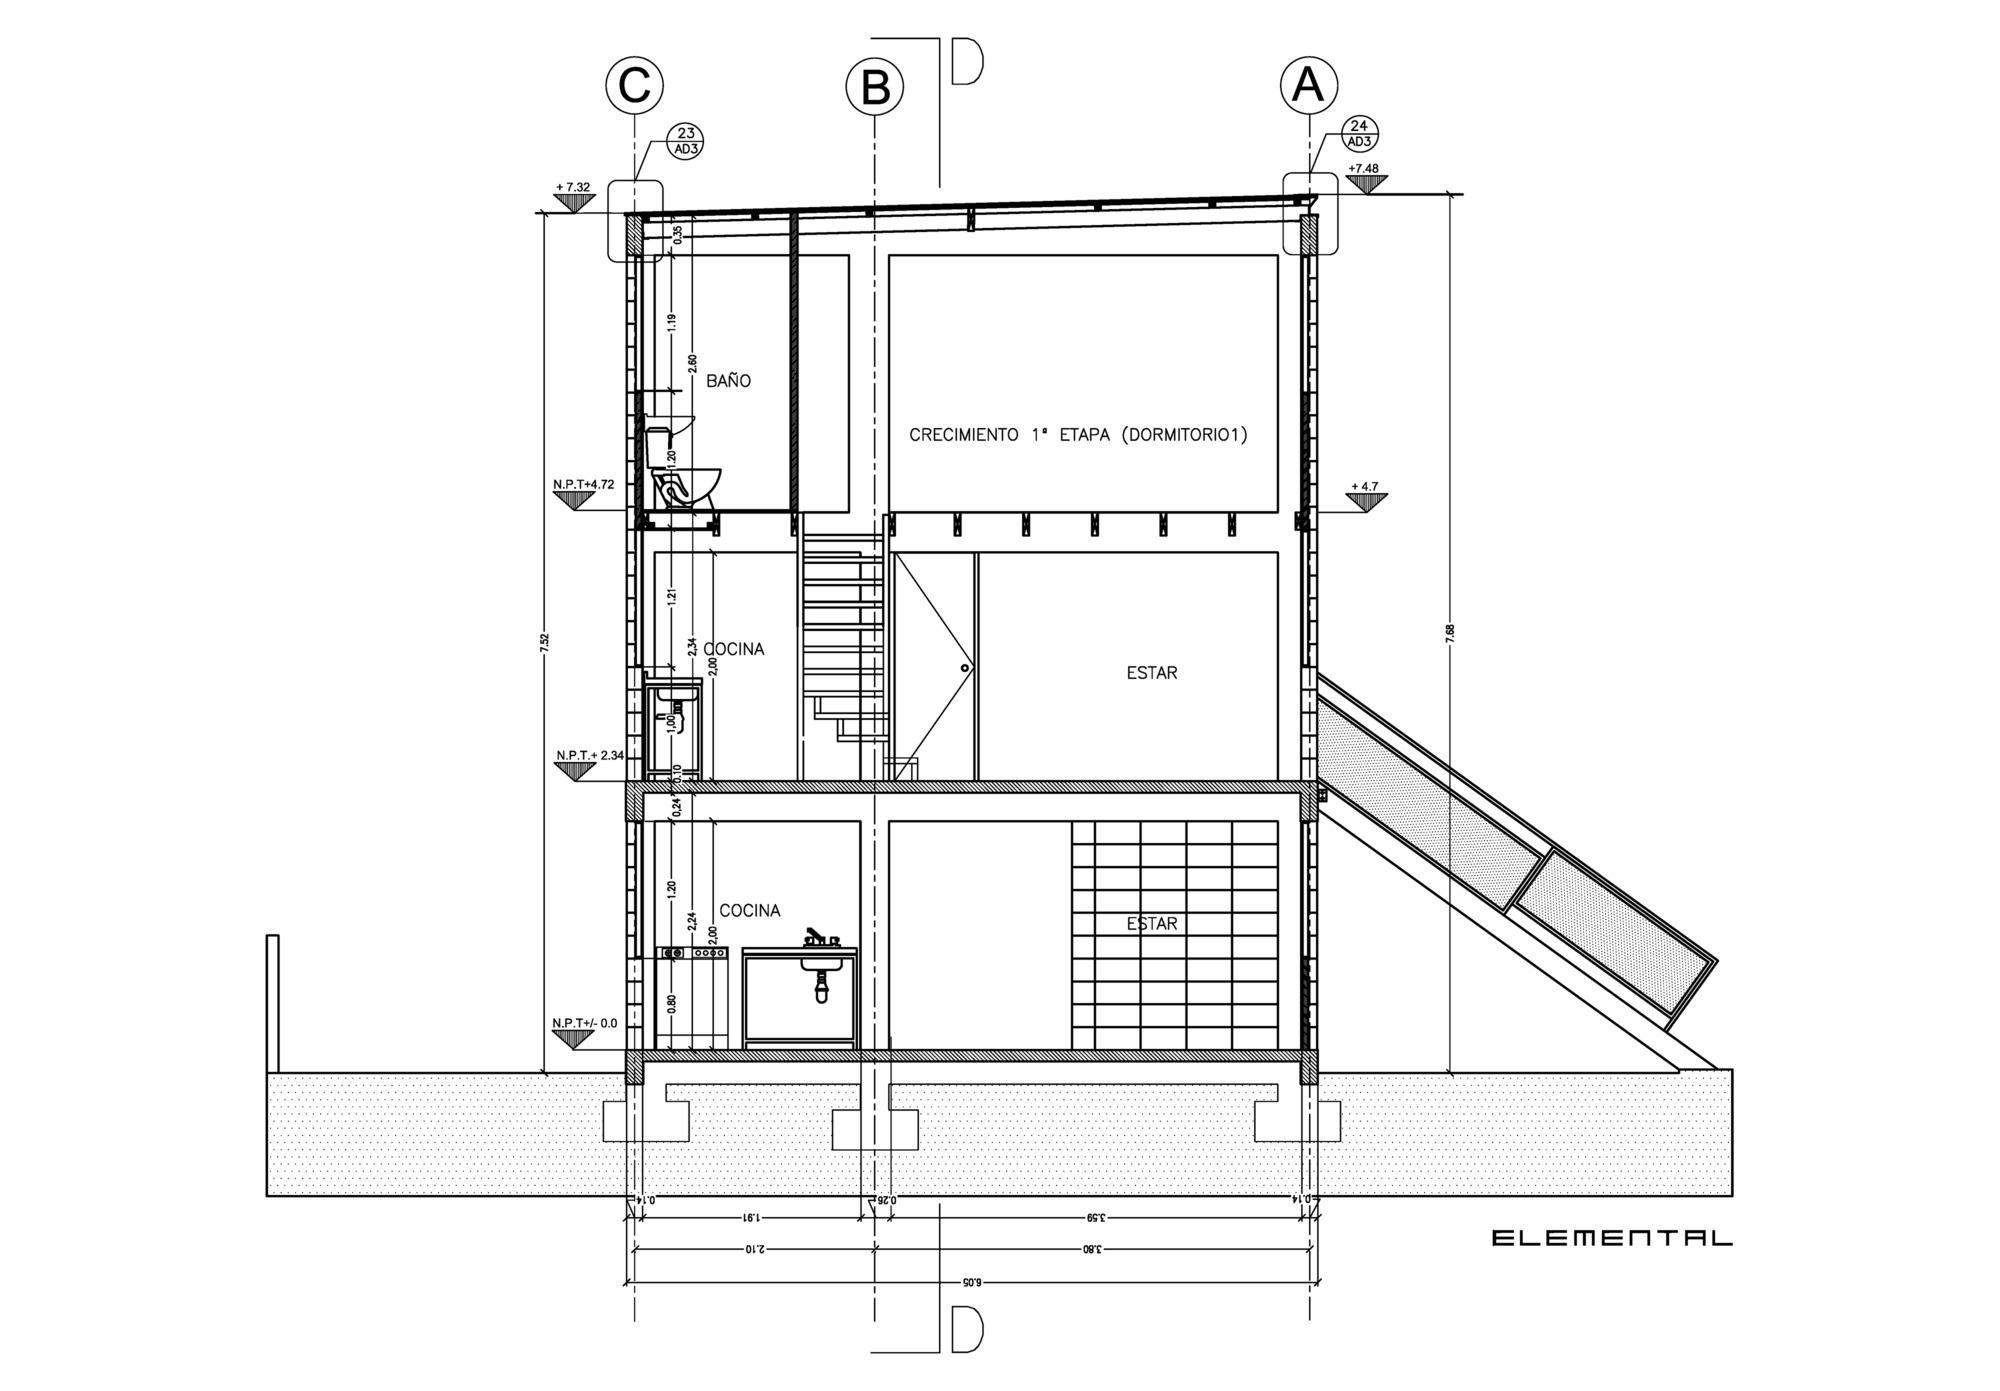 Detalles constructivos de la vivienda incremental de - Vano arquitectura ...